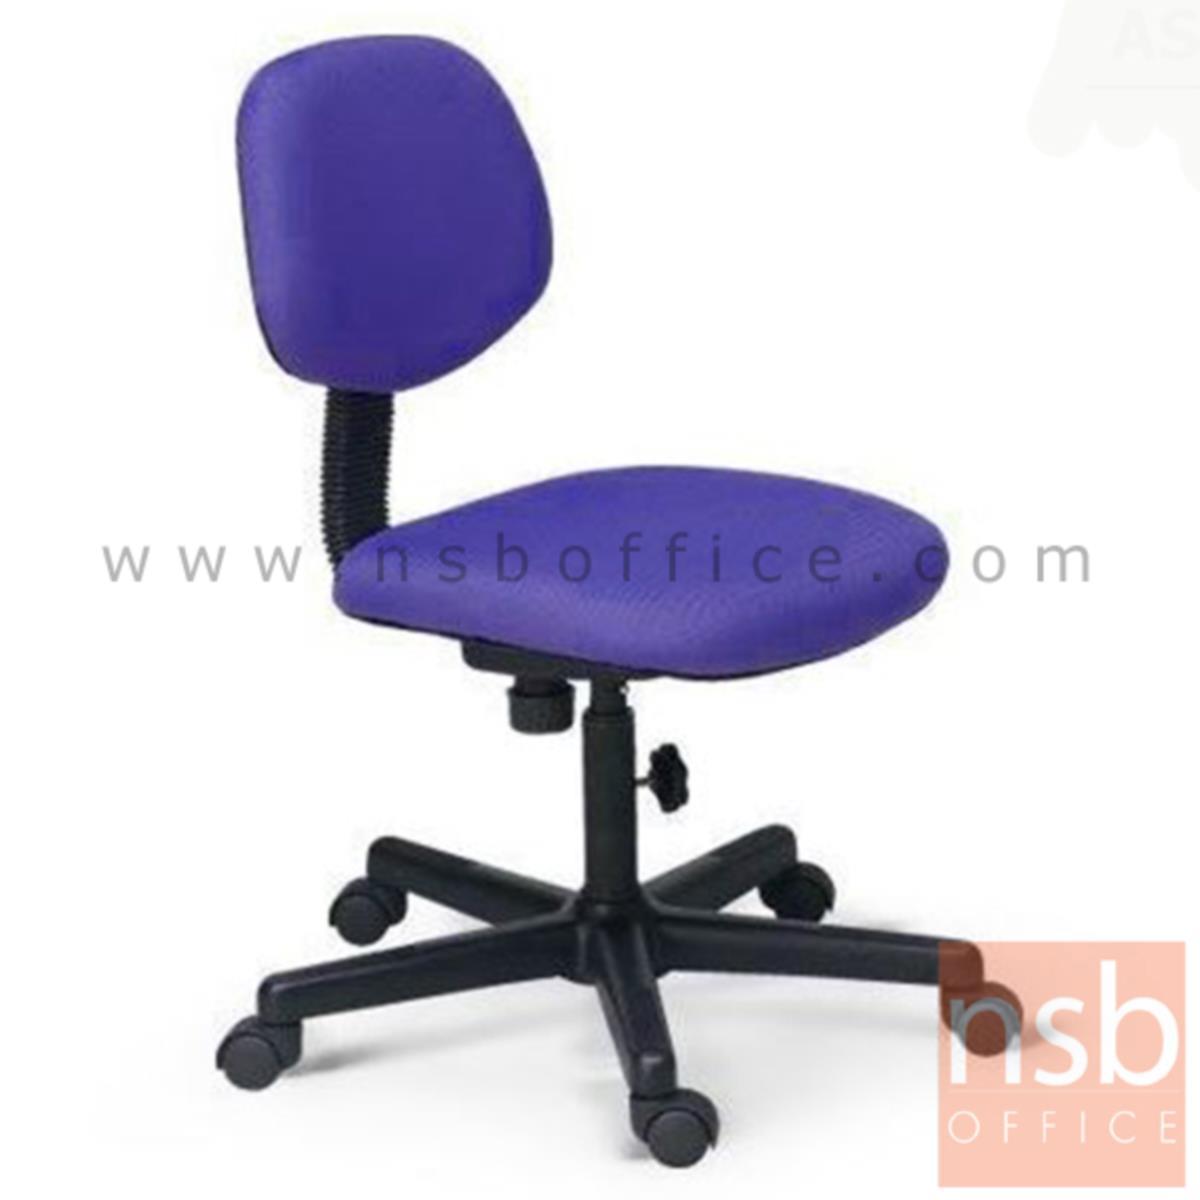 เก้าอี้สำนักงาน  รุ่น Bush (บุช)  มีก้อนโยก ขาพลาสติก